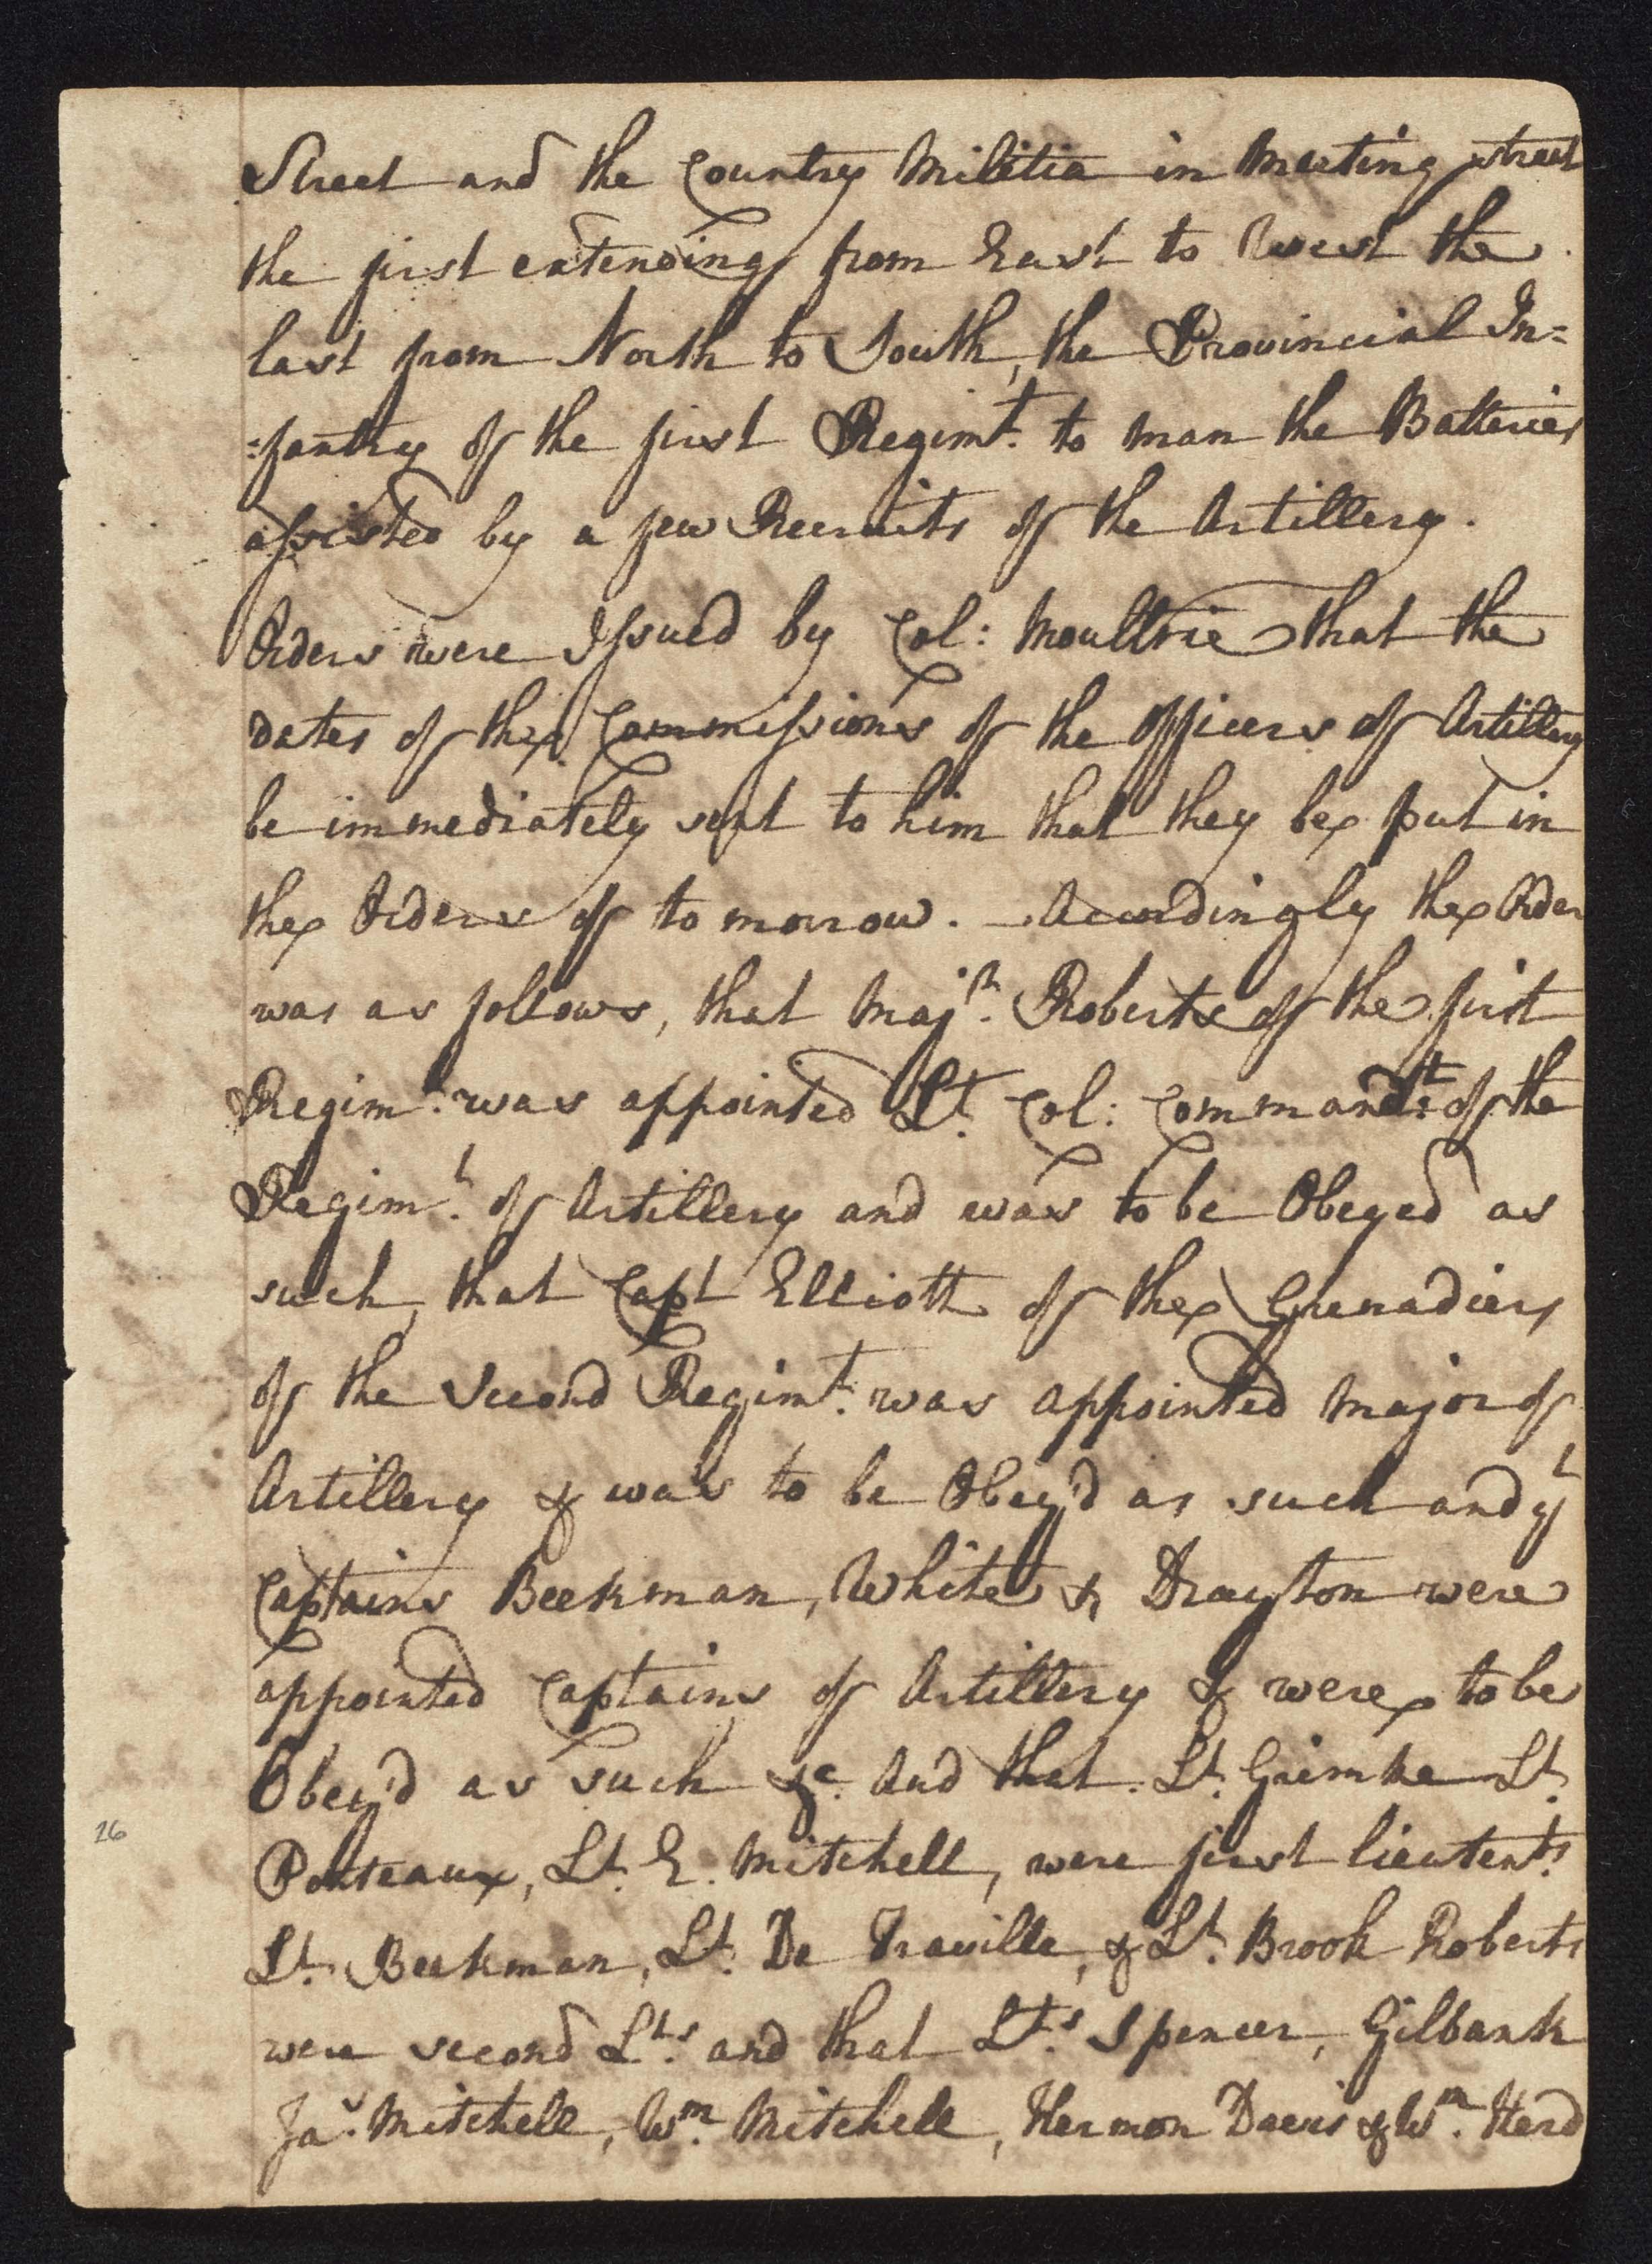 South Carolina Regiment Order Book, Page 51